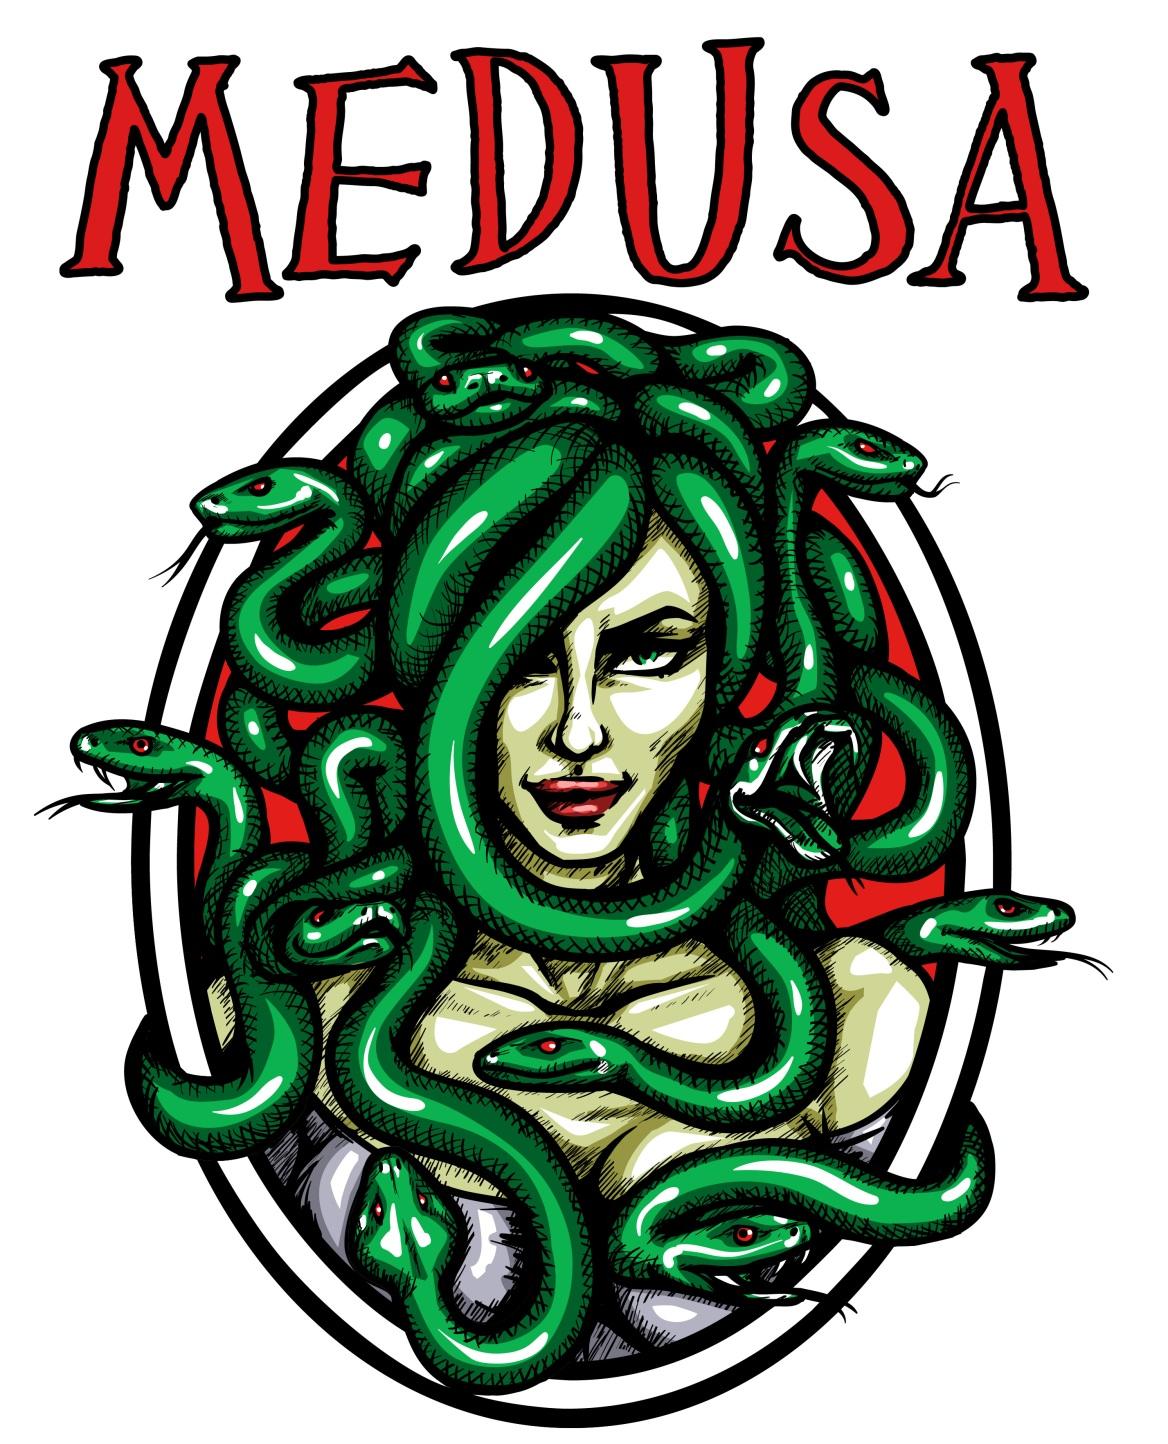 medusa_logo_final.jpg